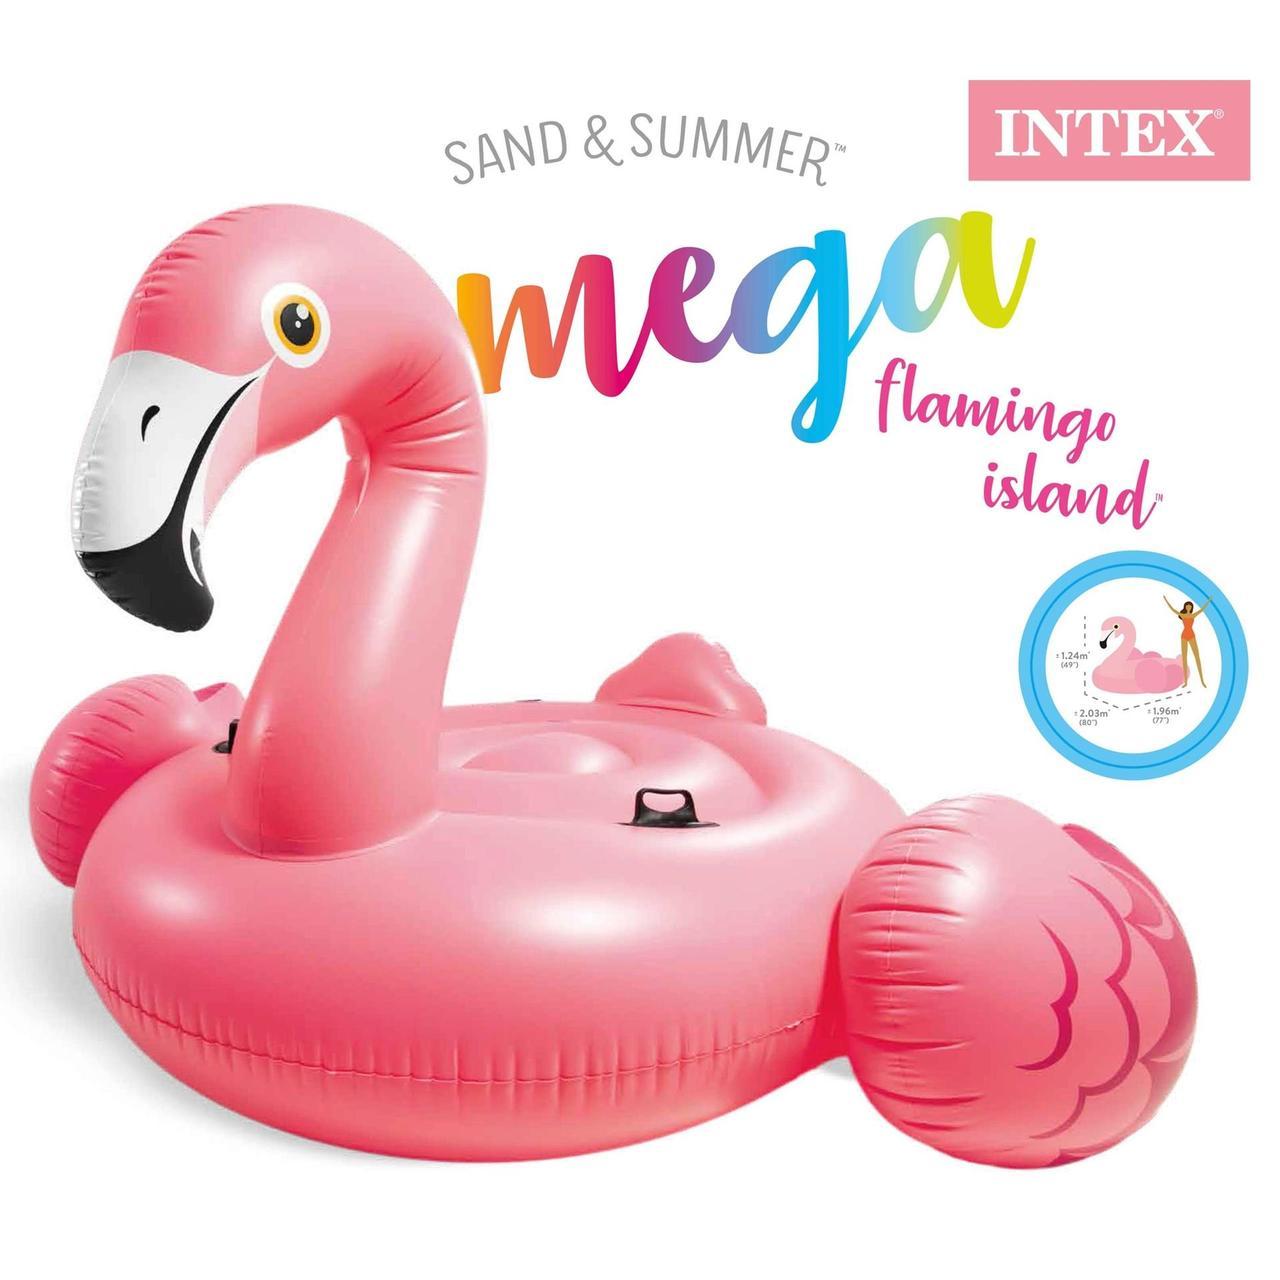 Дитячий надувний круг ФЛАМІНГО intex 99x89x71 см для плавання в басейні на море для пляжу 56251